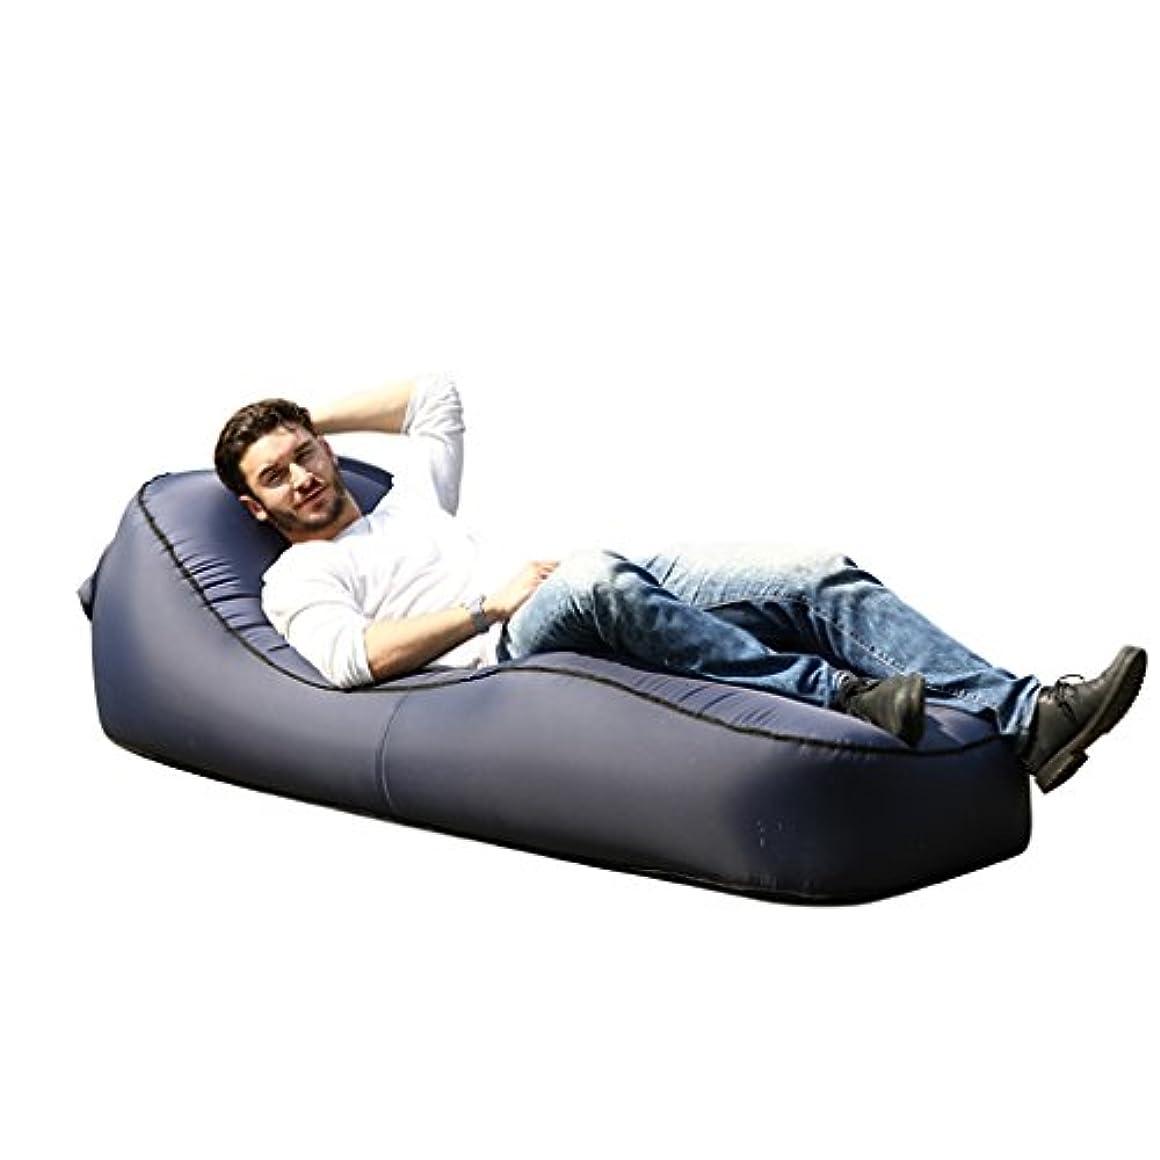 玉ねぎオーバーフロー人間ソファー、怠惰な空気インフレータブル屋外ポータブル折り畳み式マットレスソファベッドエアベッド (色 : 青)